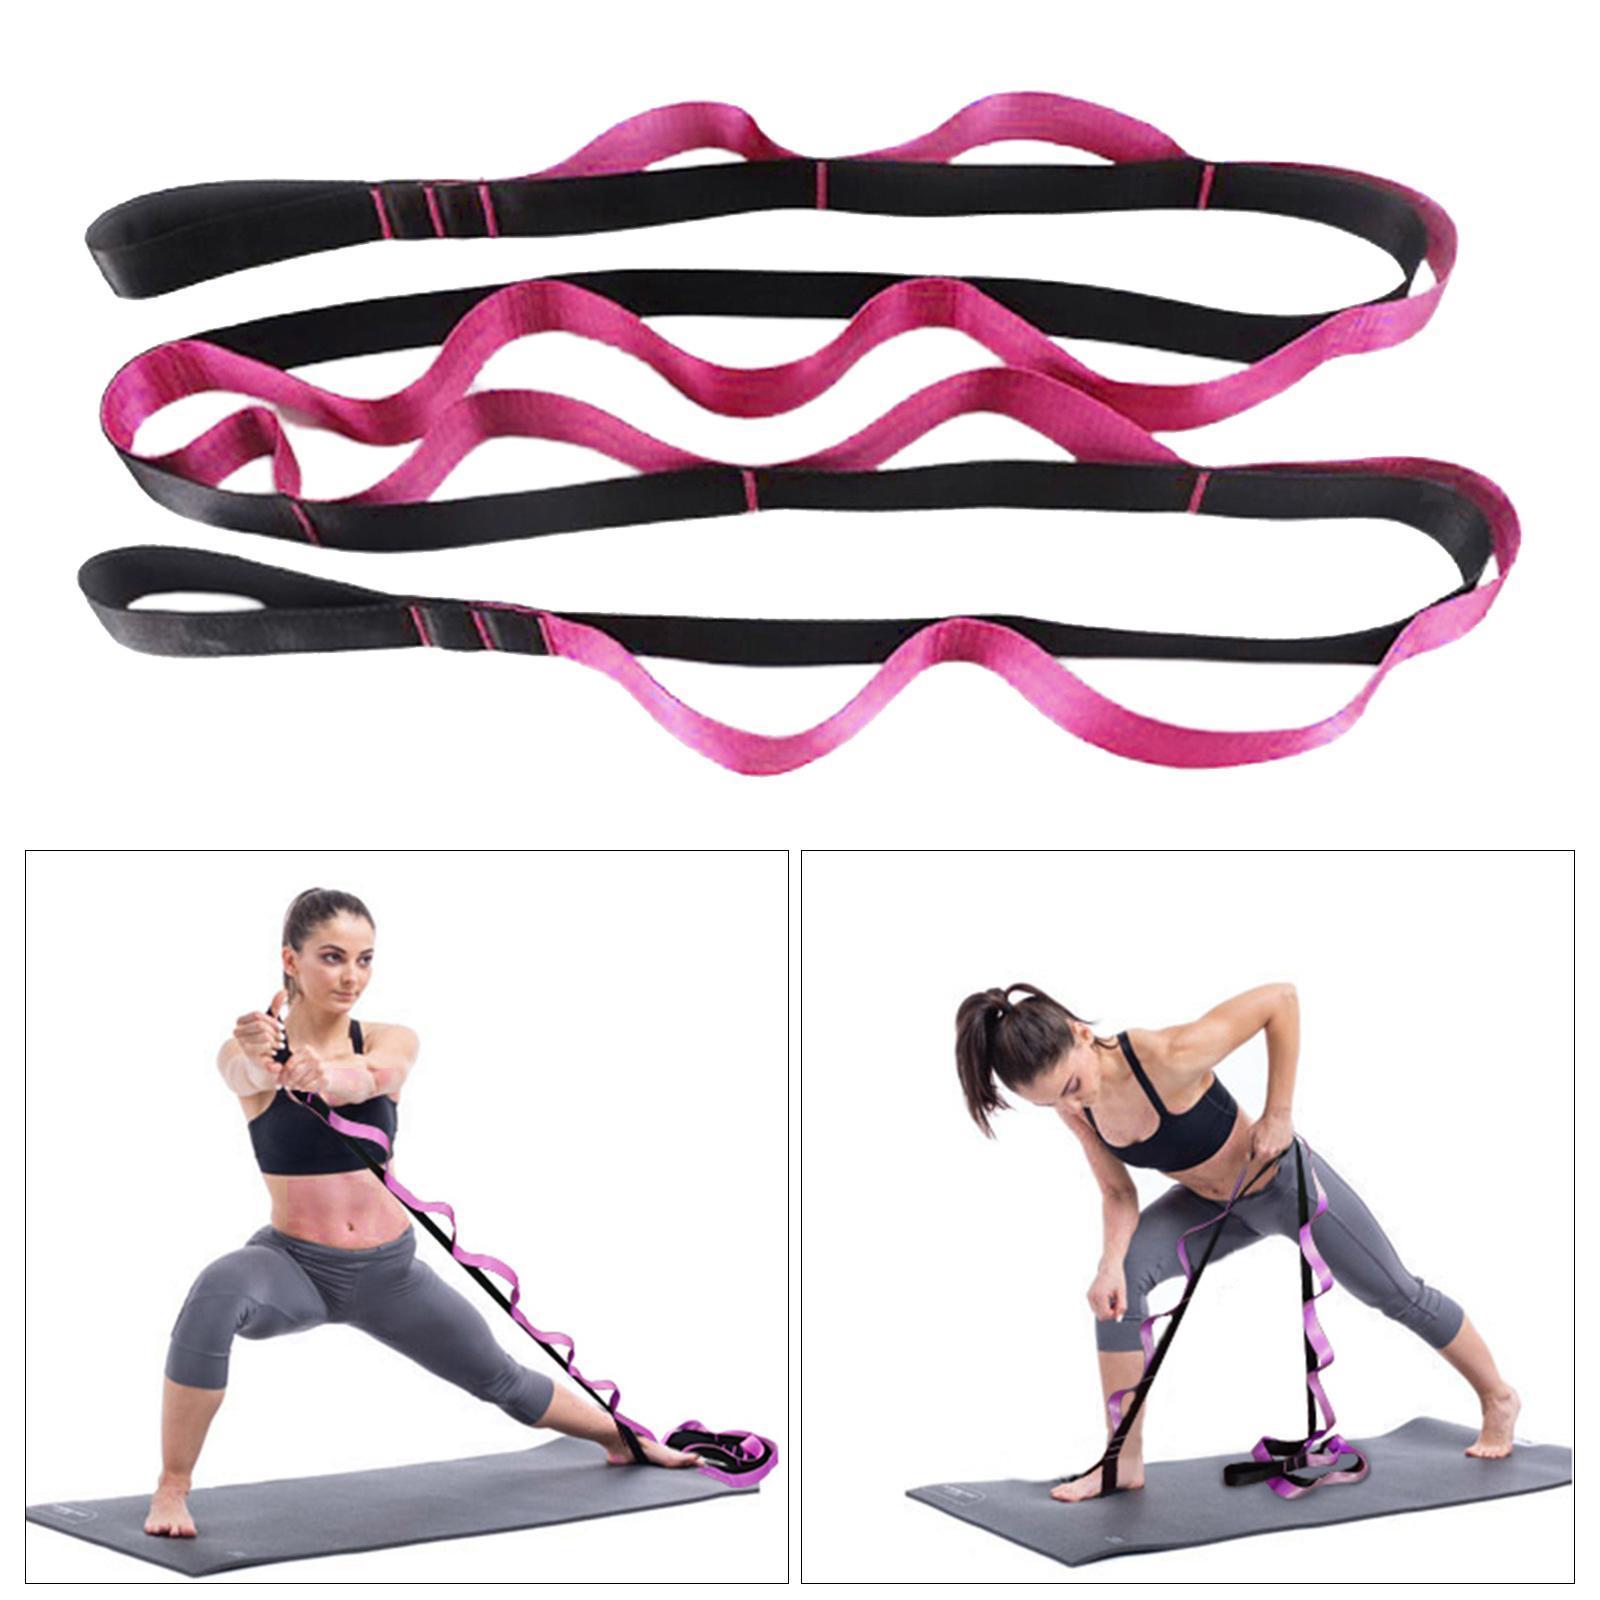 miniatura 29 - Pierna camilla yoga Stretch Strap Latin Dance Gymnastic pull cinturón flexibilidad